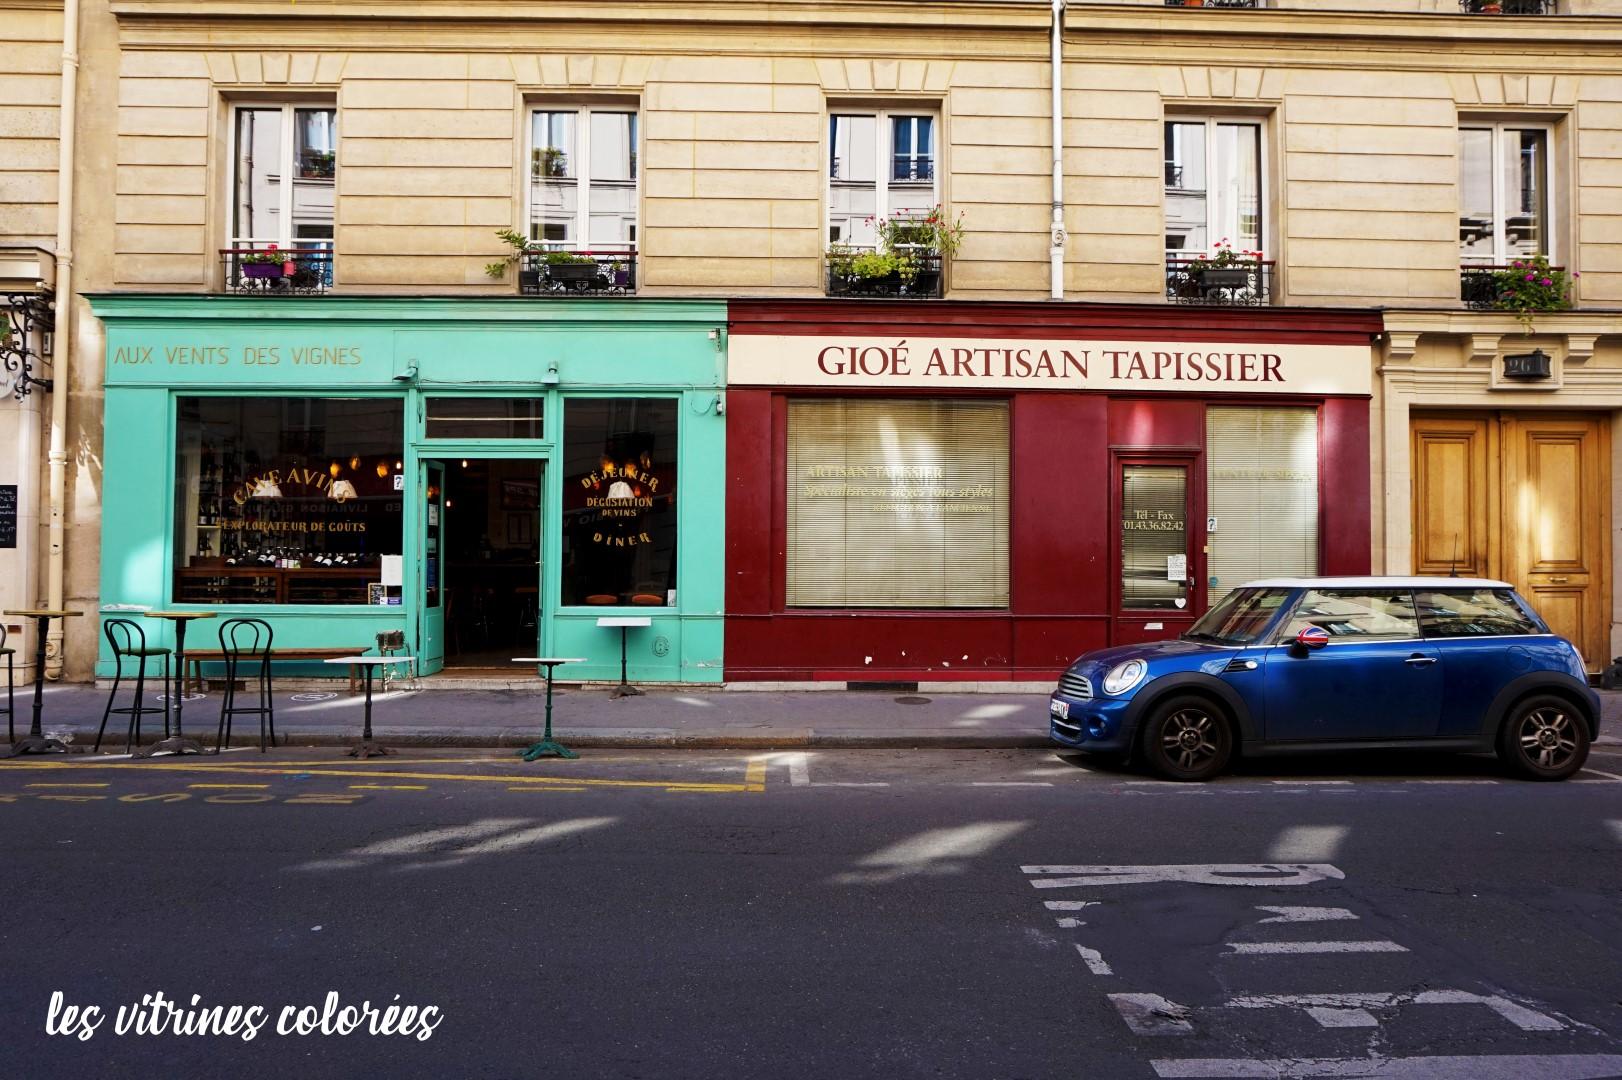 Balade dans le sud du 5e arrondissement de Paris - rue Claude Bernard